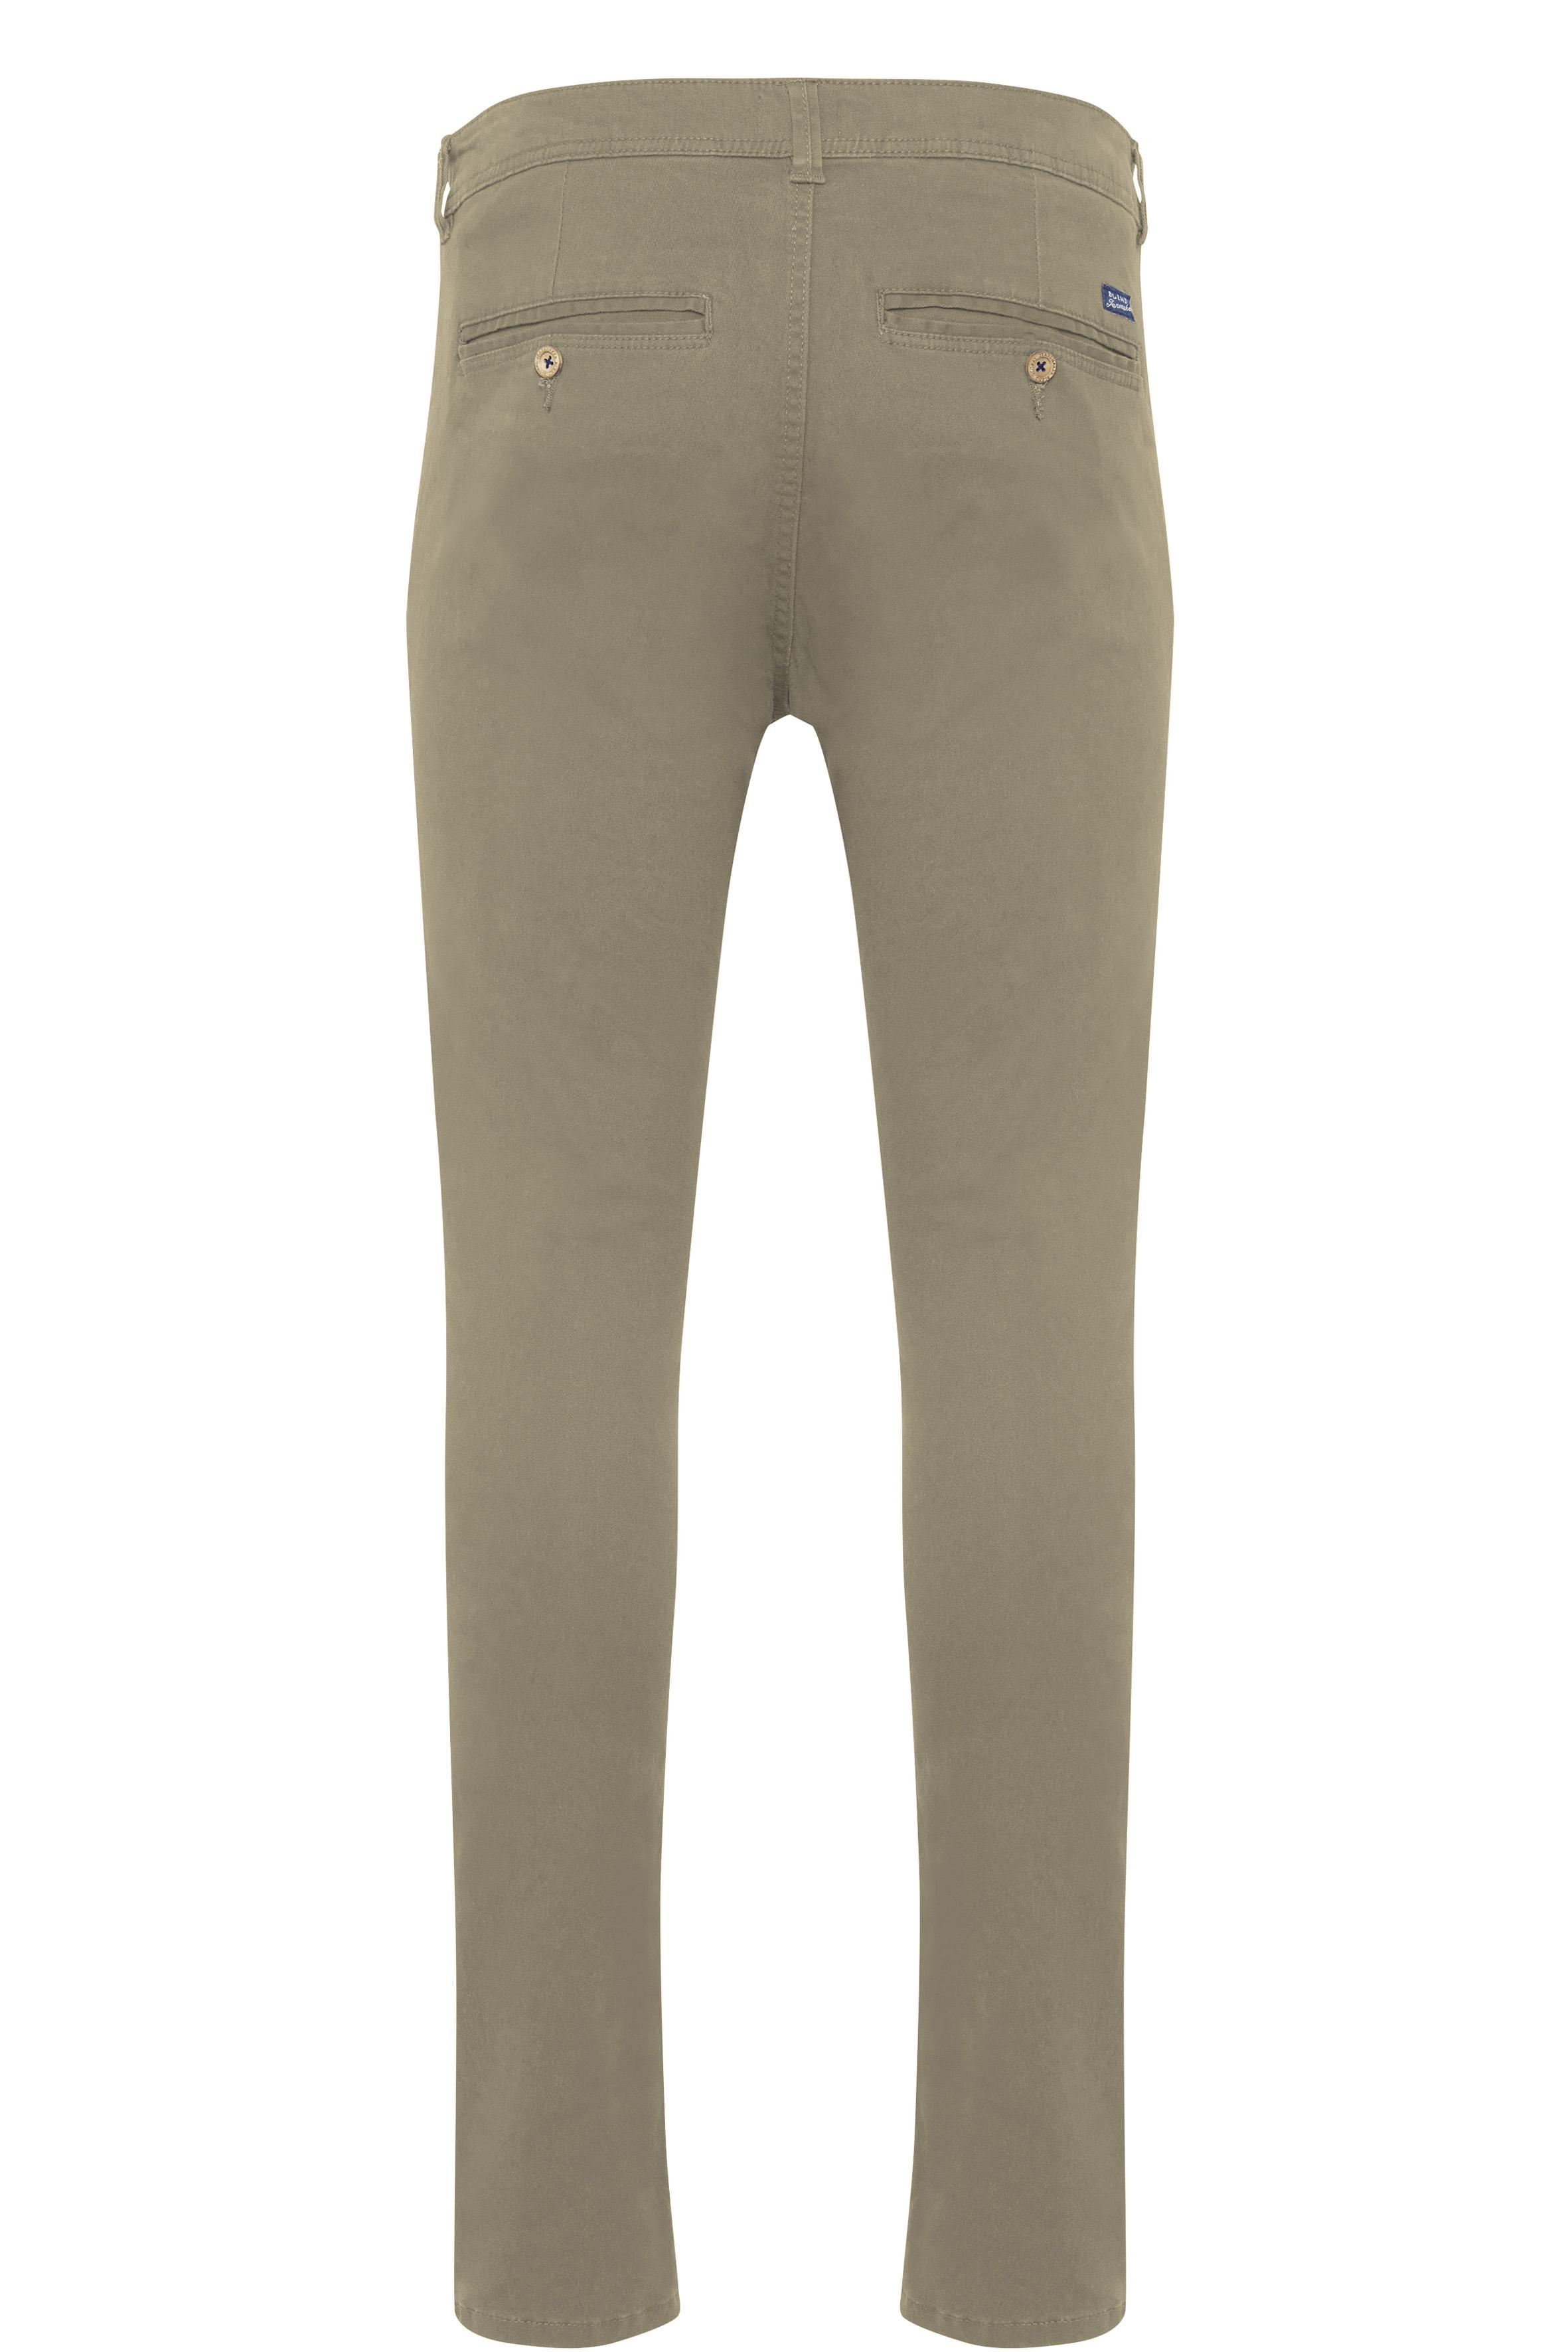 Beige Brown Pants Casual – Køb Beige Brown Pants Casual fra str. 28-38 her